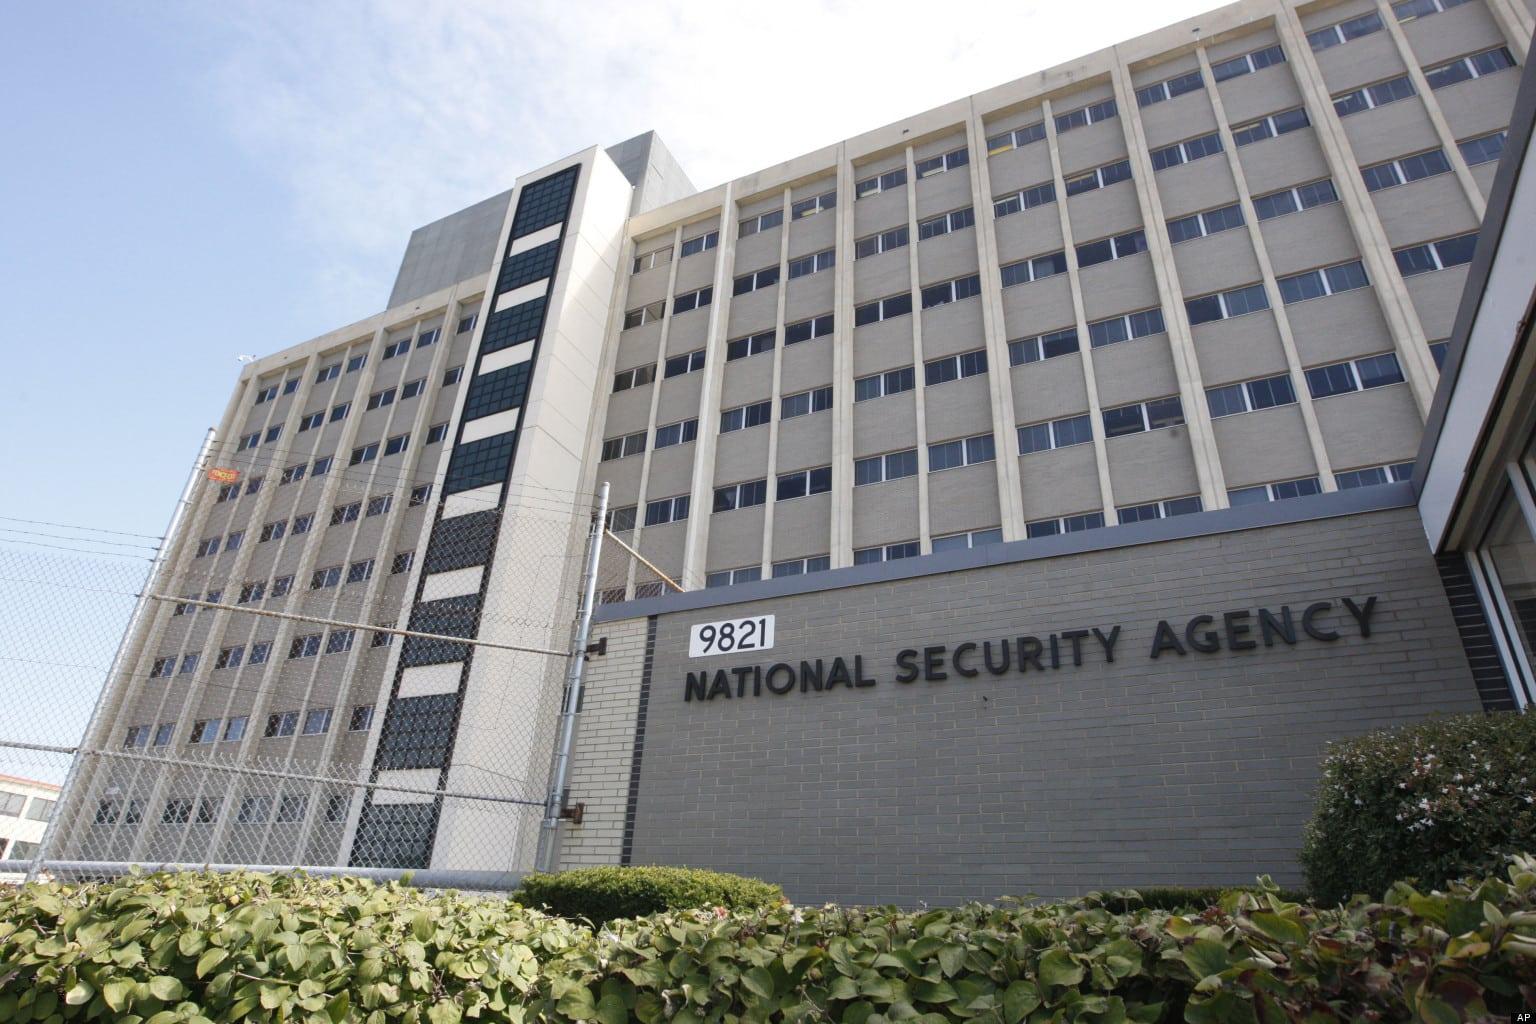 La NSA creó un motor de búsqueda que puso a disposición a otros servicios de inteligencia.